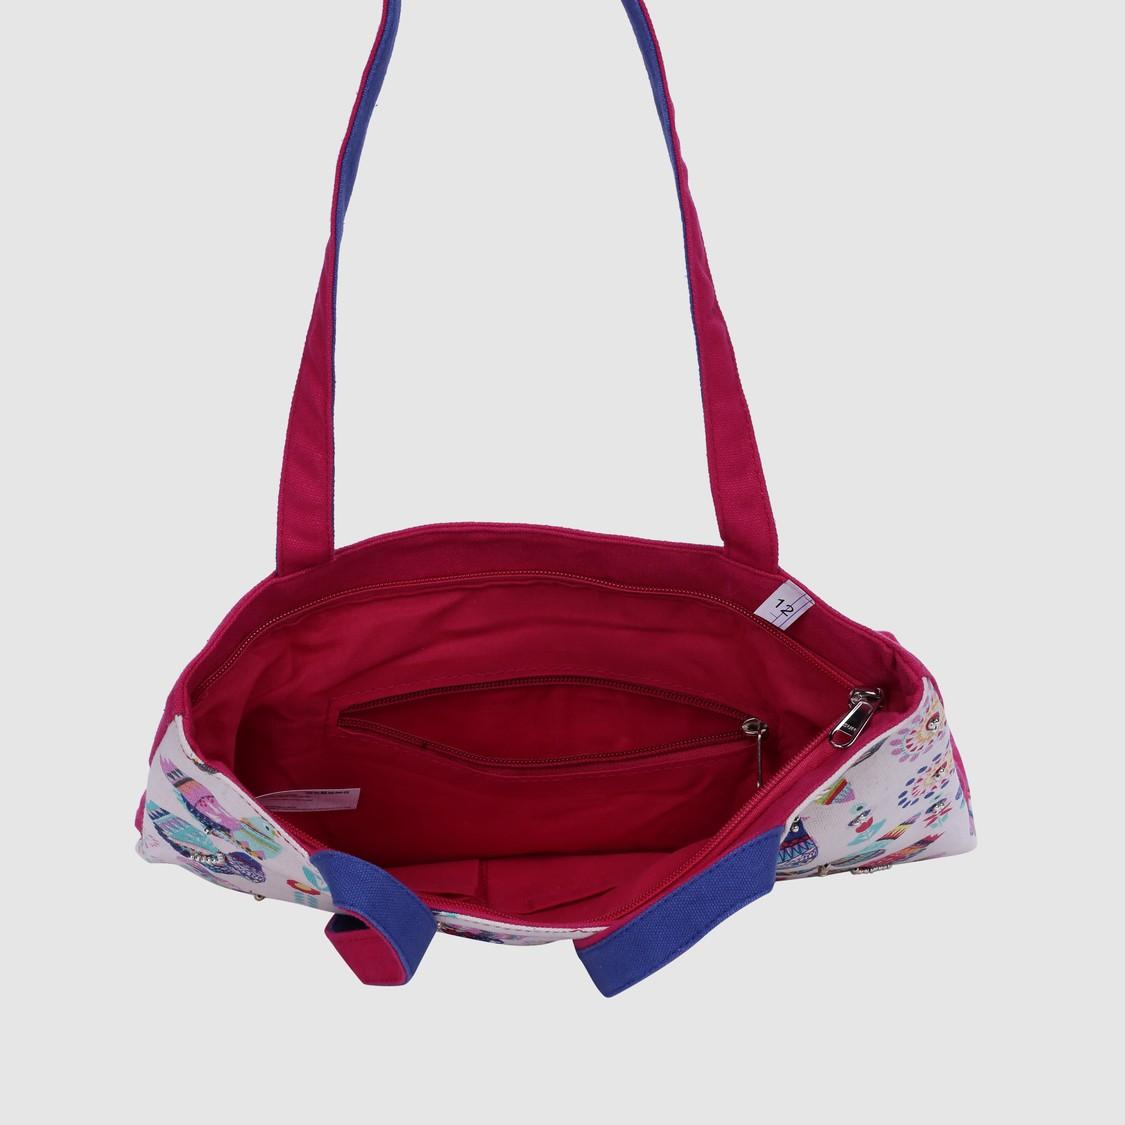 Printed Tote Bag with Zip Closure